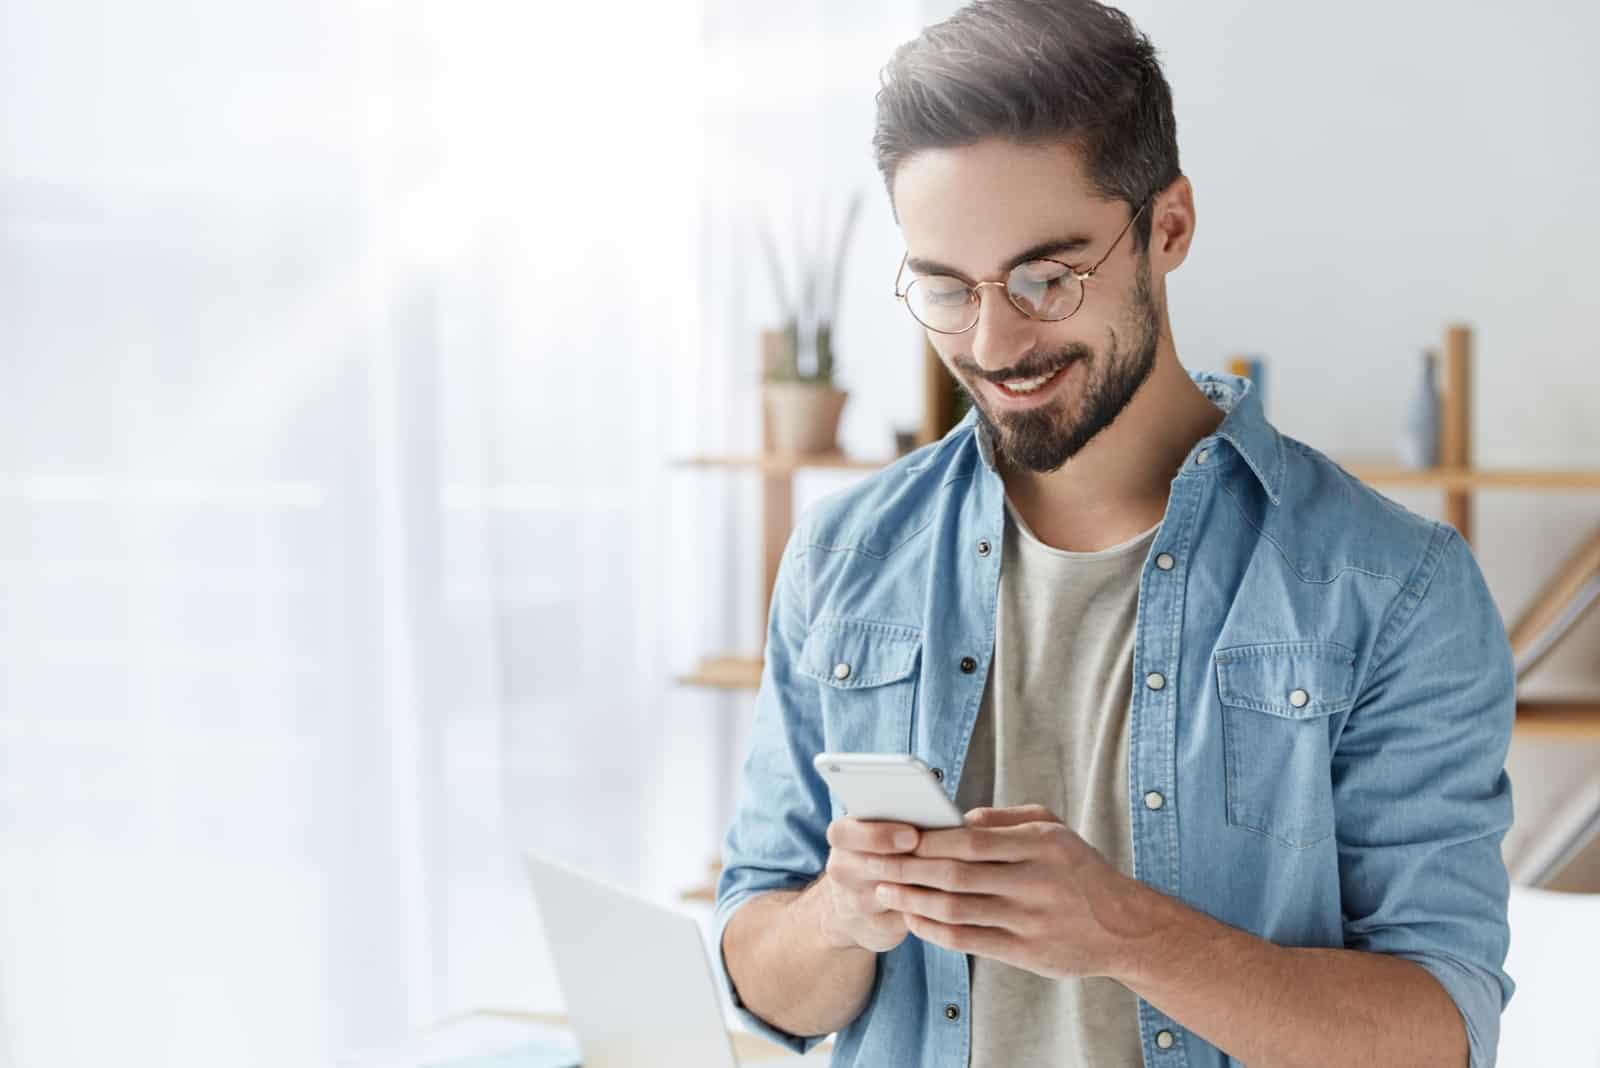 un homme souriant avec des lunettes et un bouton sur le téléphone